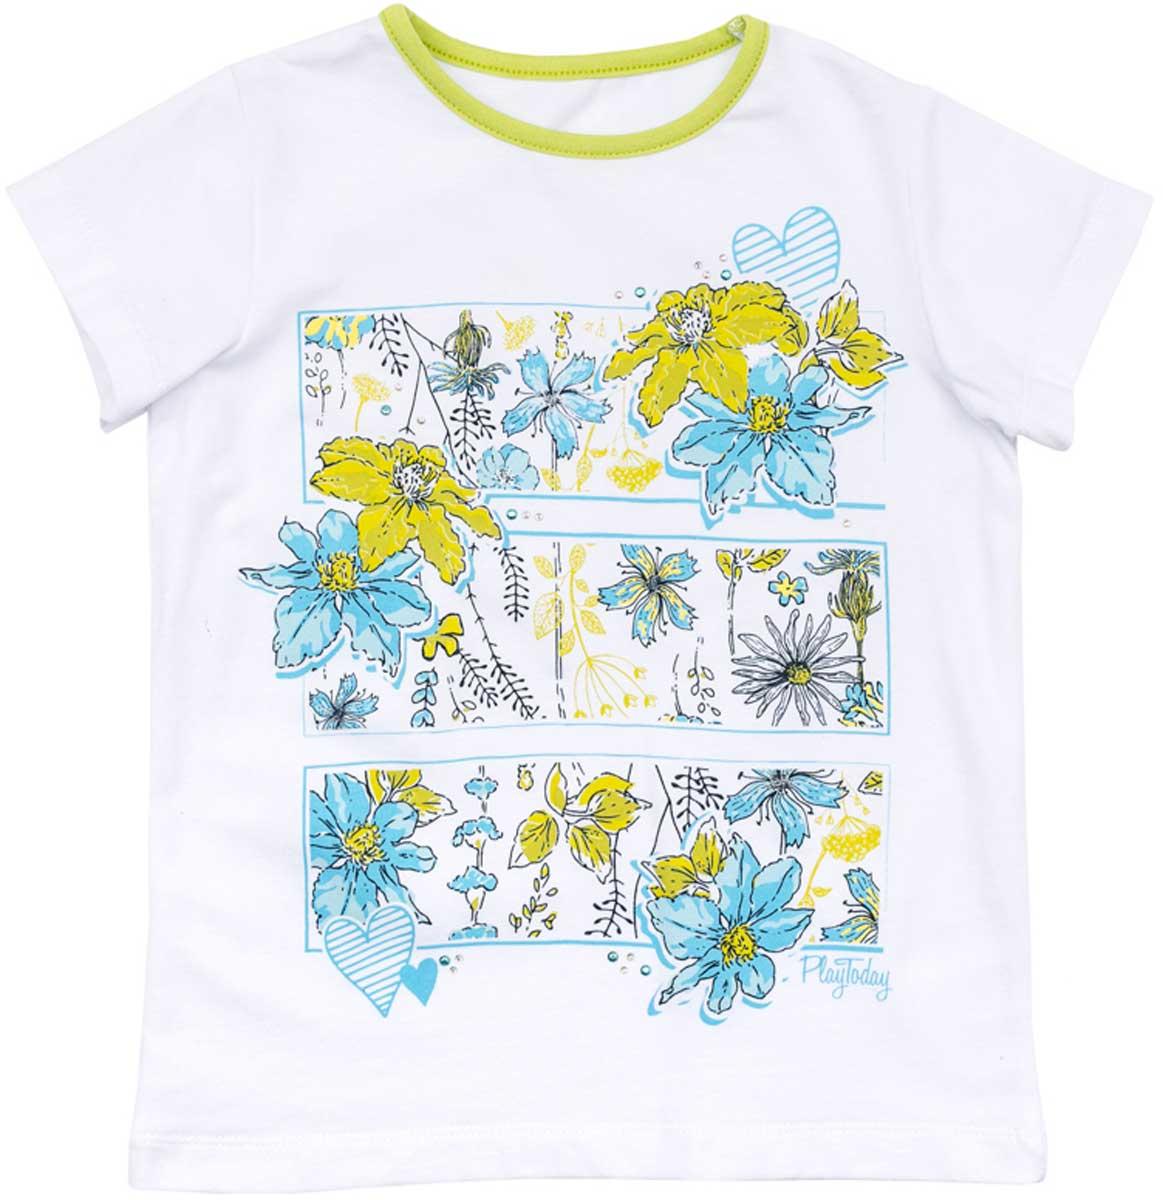 Футболка для девочки PlayToday, цвет: белый, голубой, желтый. 172114. Размер 122172114Футболка для девочки PlayToday свободного классического кроя прекрасно подойдет как для домашнего использования, так и для прогулок на свежем воздухе. Можно использовать в качестве базовой вещи повседневного гардероба вашего ребенка. Яркий стильный принт является достойным украшением данного изделия.